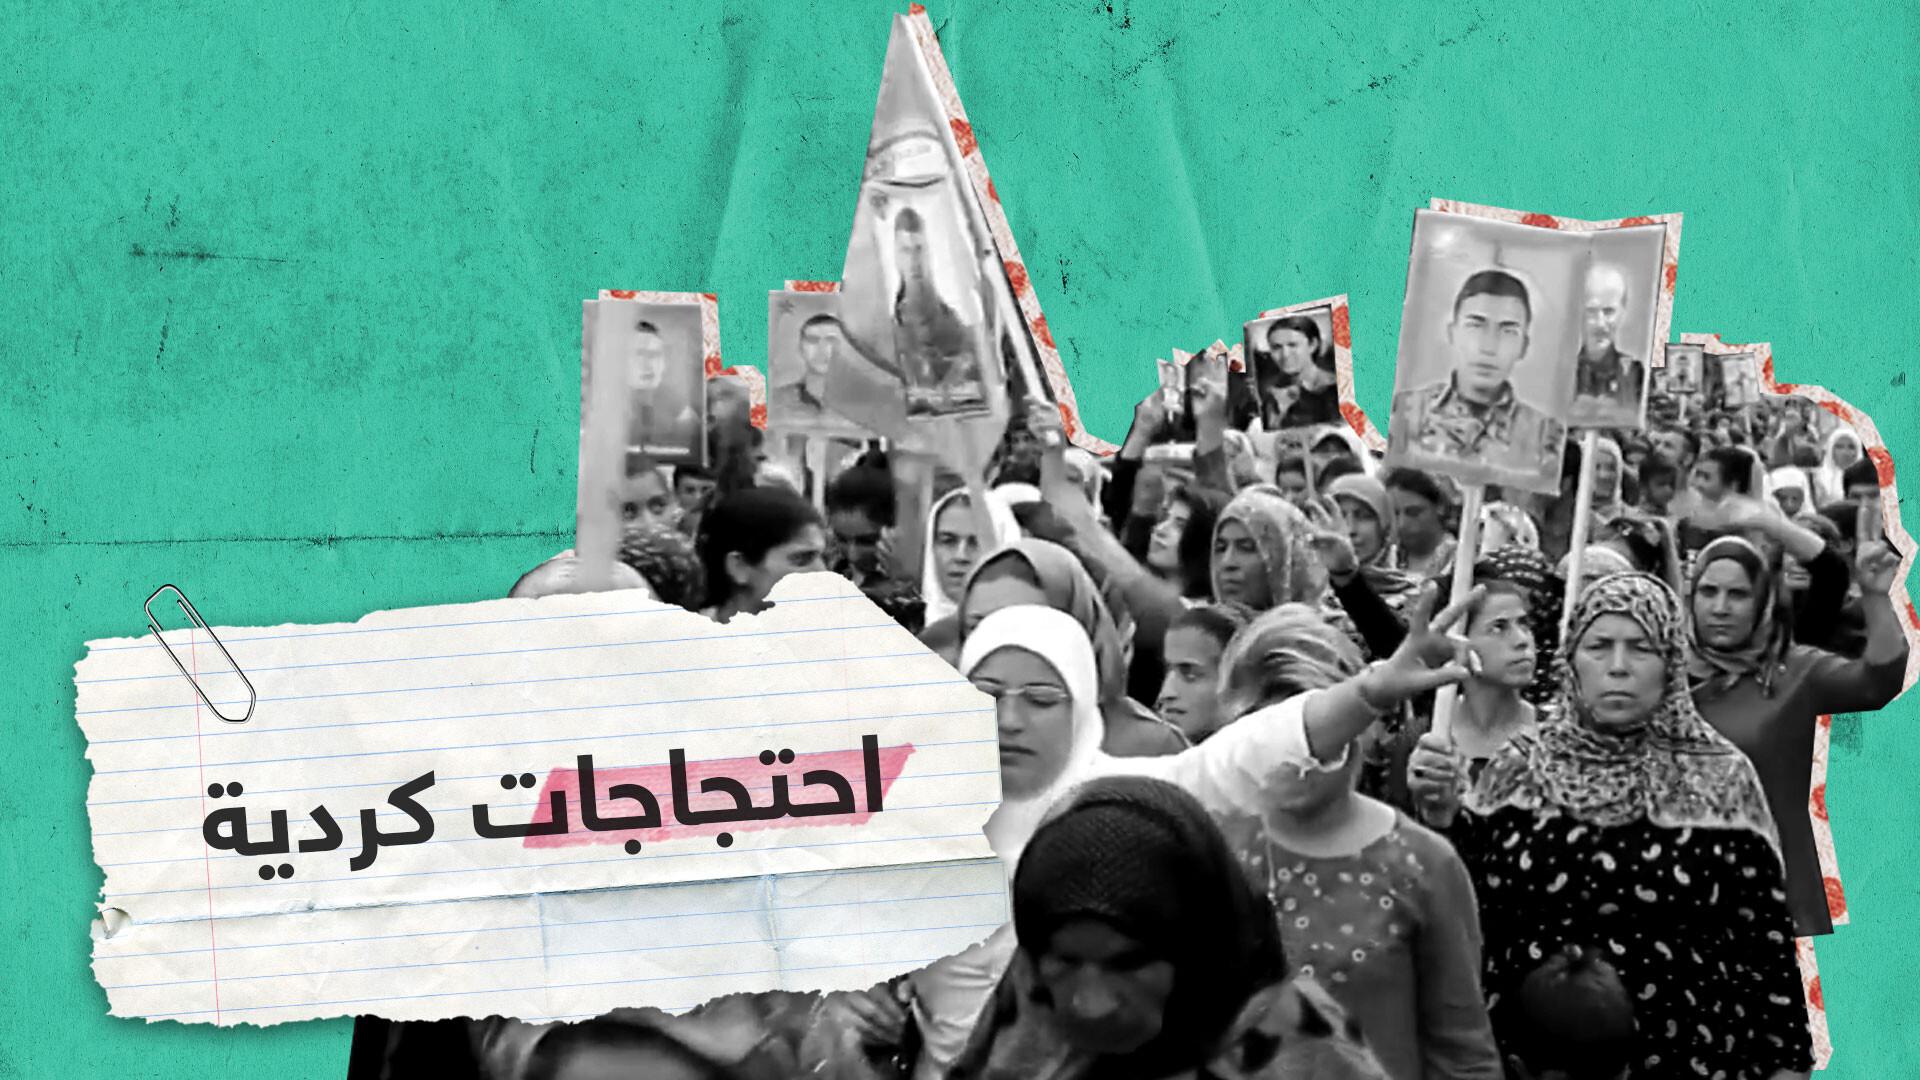 آلاف الأكرد يتظاهرون ضد تركيا